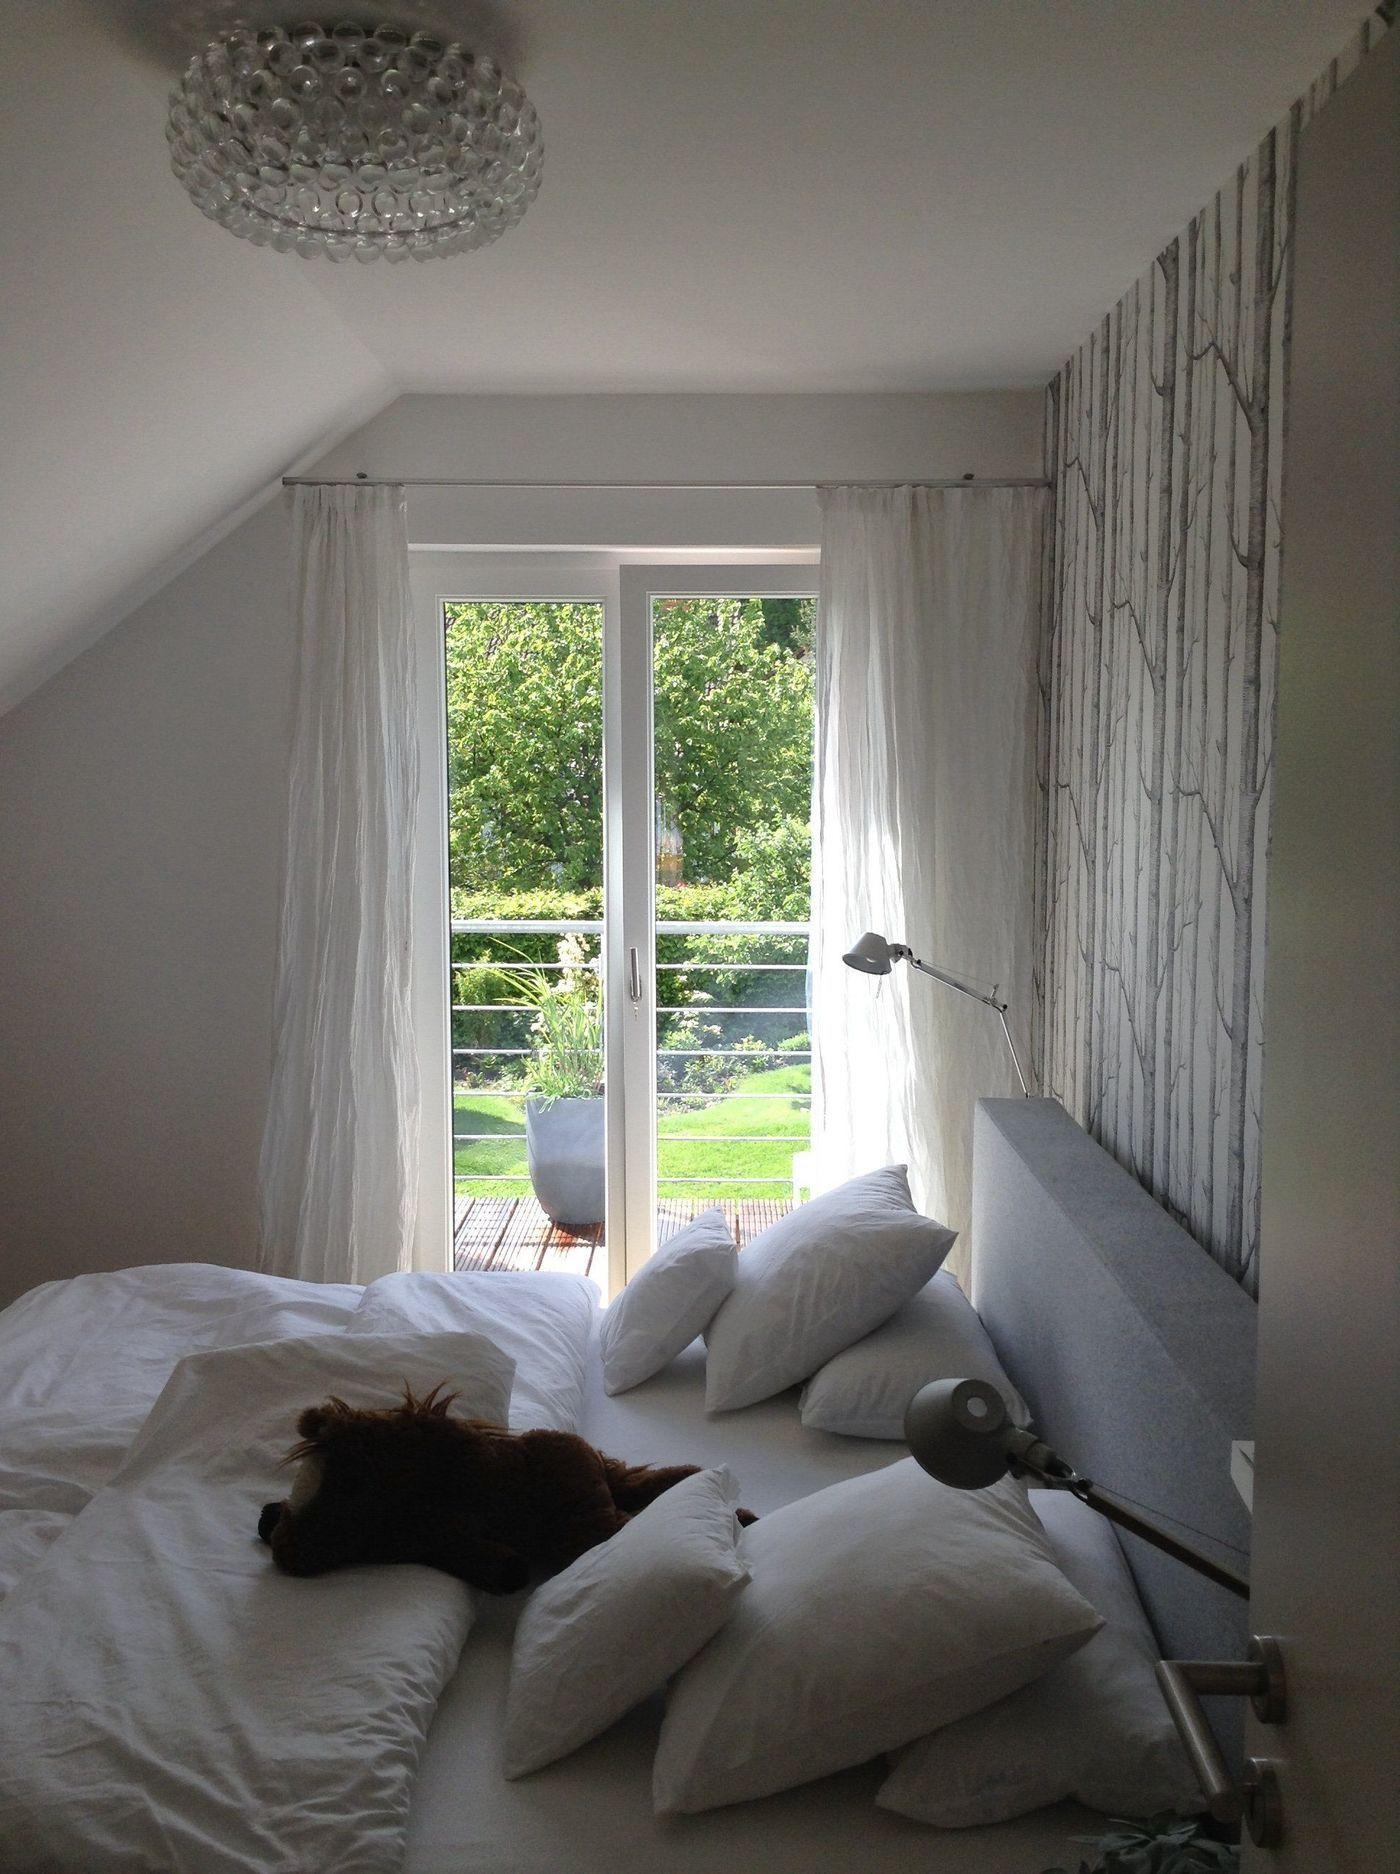 Schlafzimmer-Ideen & -Bilder - Seite 112